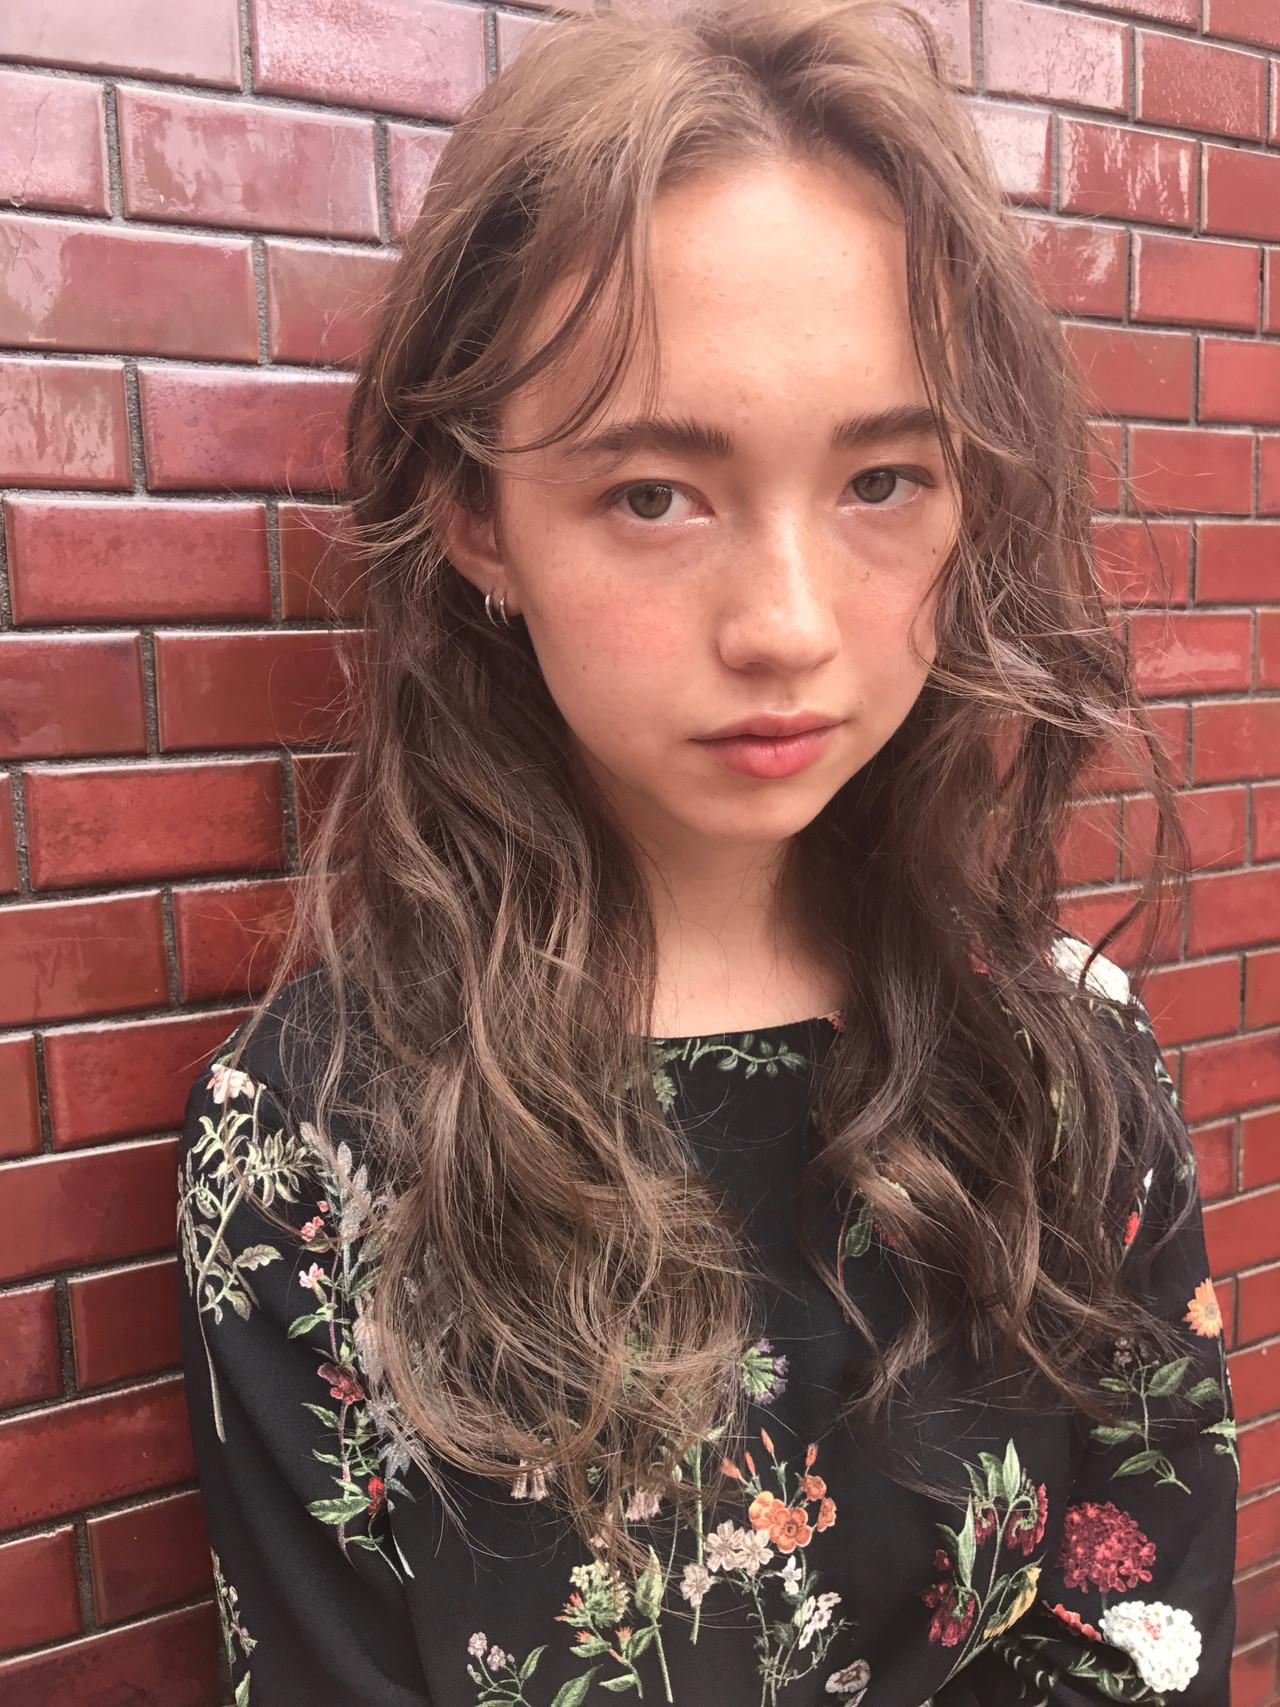 ハイライト ナチュラル アンニュイほつれヘア ロング ヘアスタイルや髪型の写真・画像